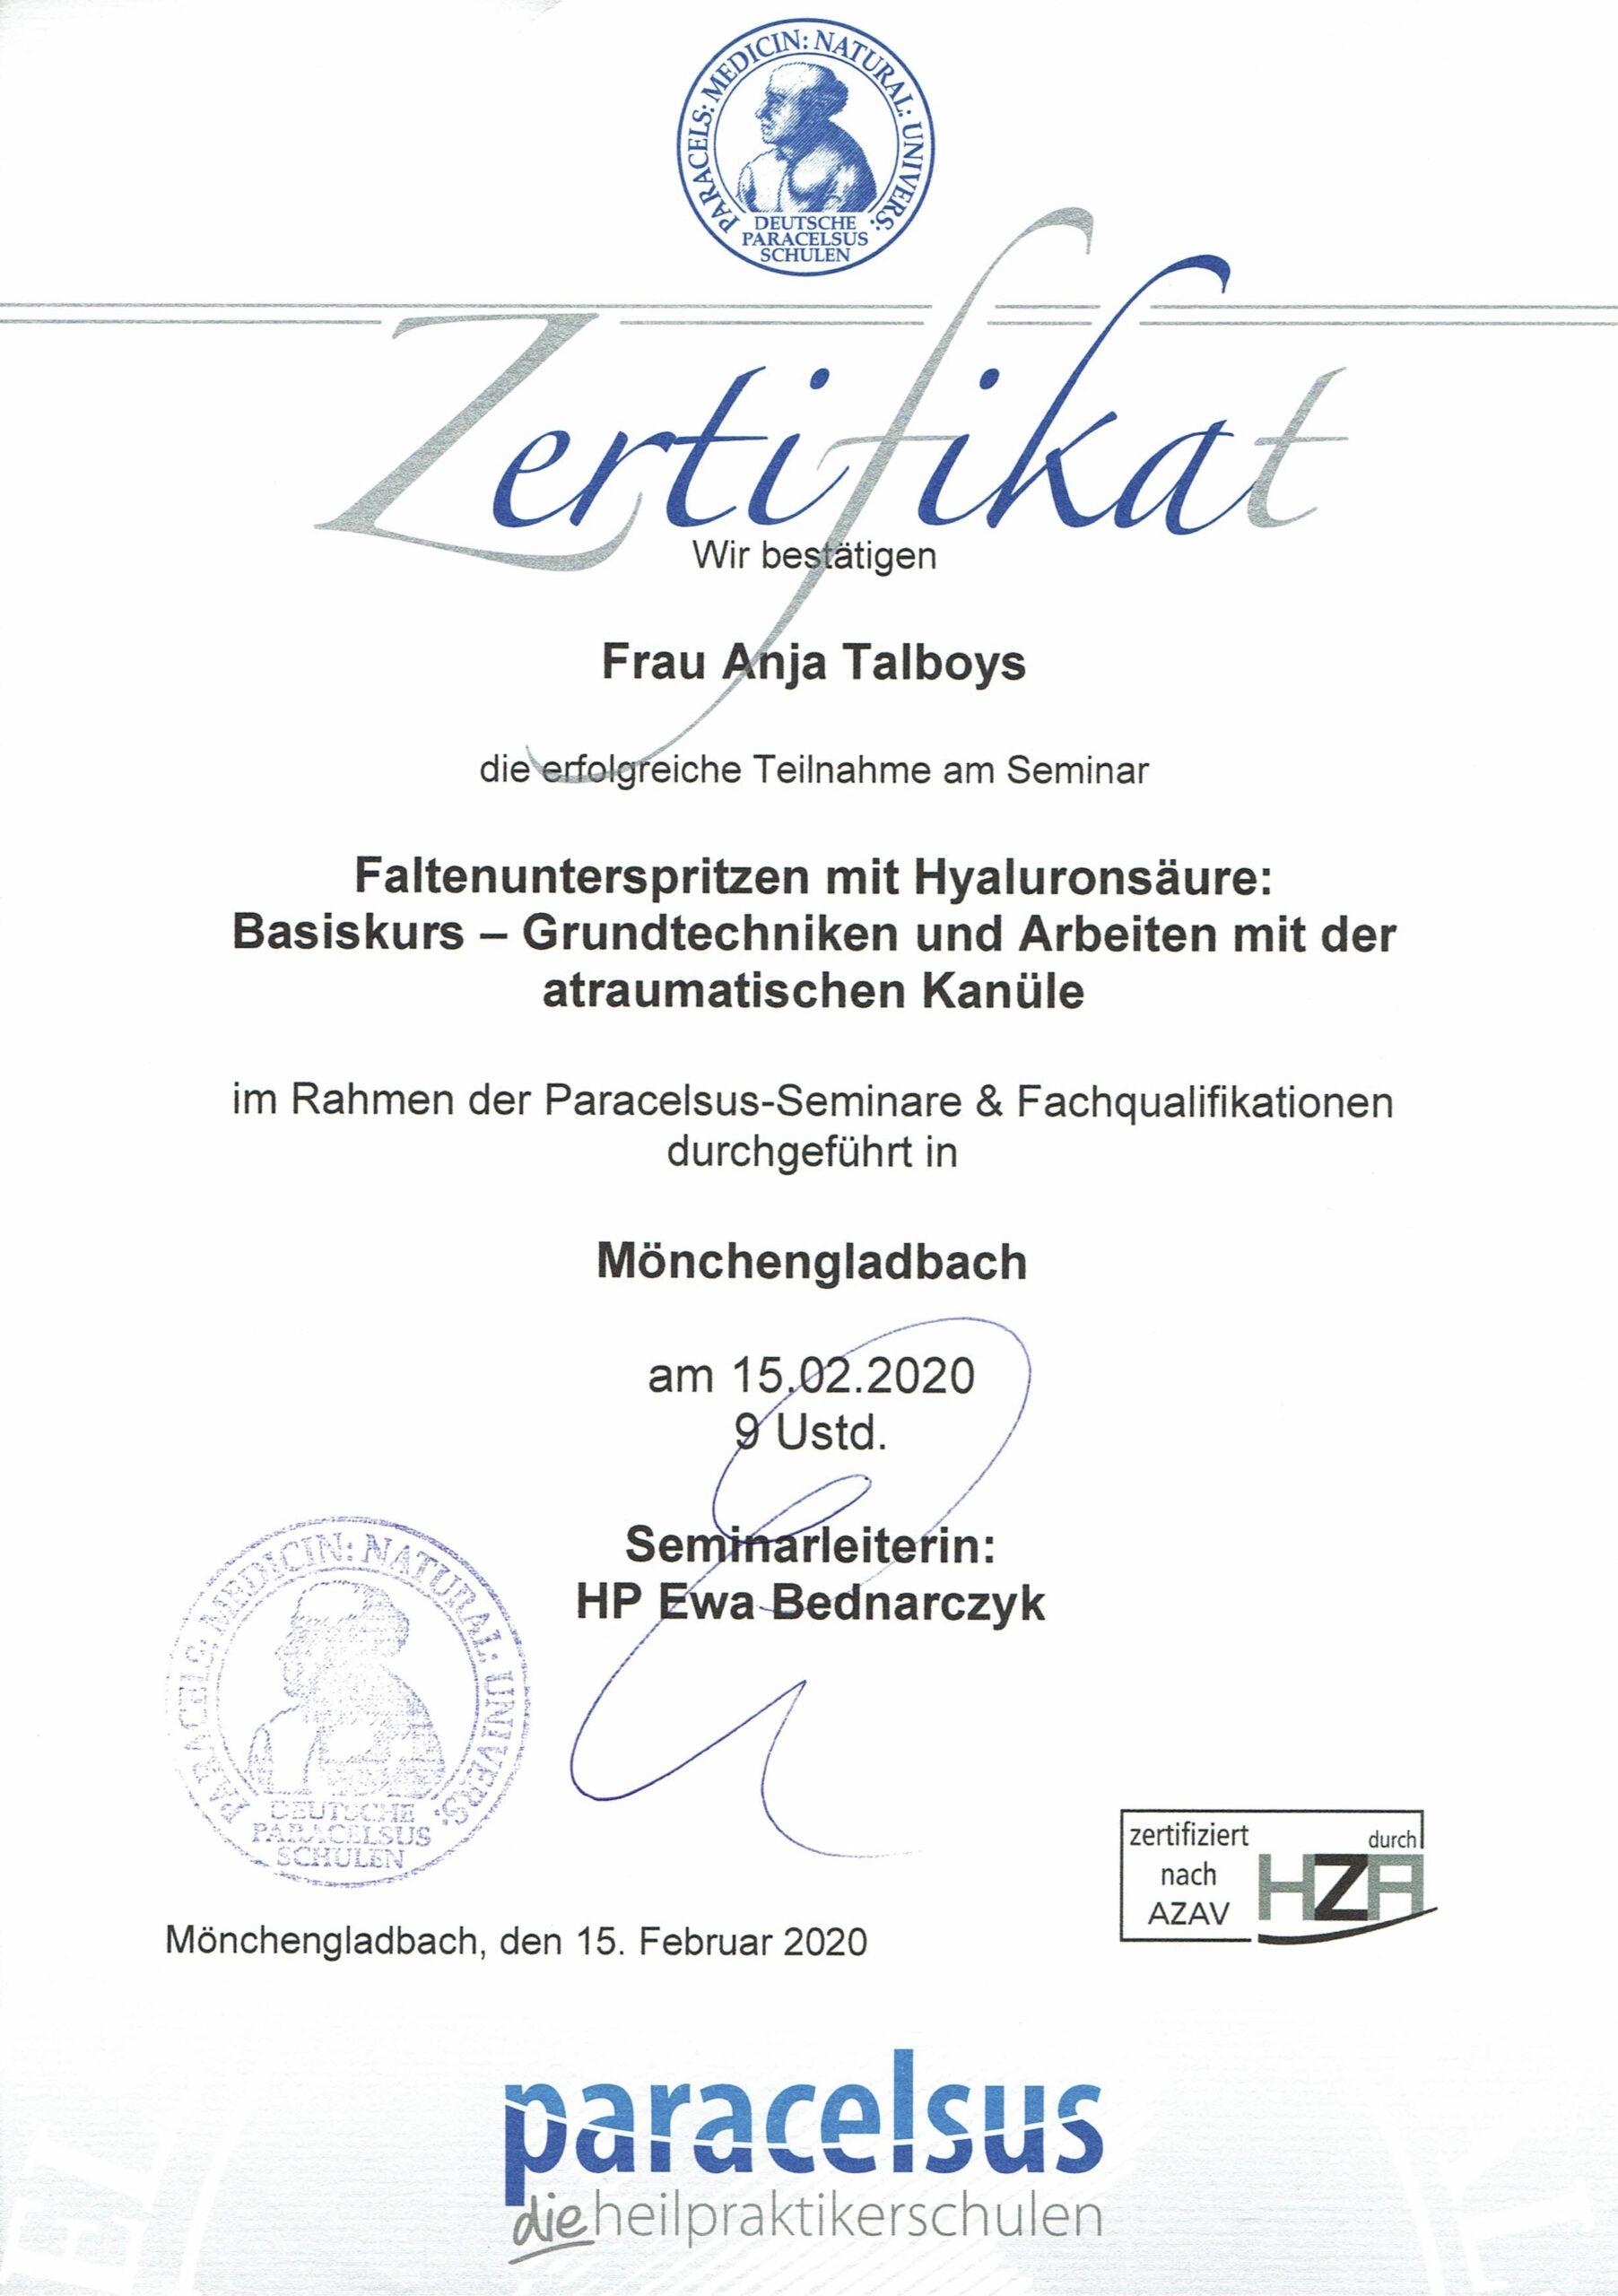 Faltenunterspritzung mit Hyaluronsäure Zertifikat